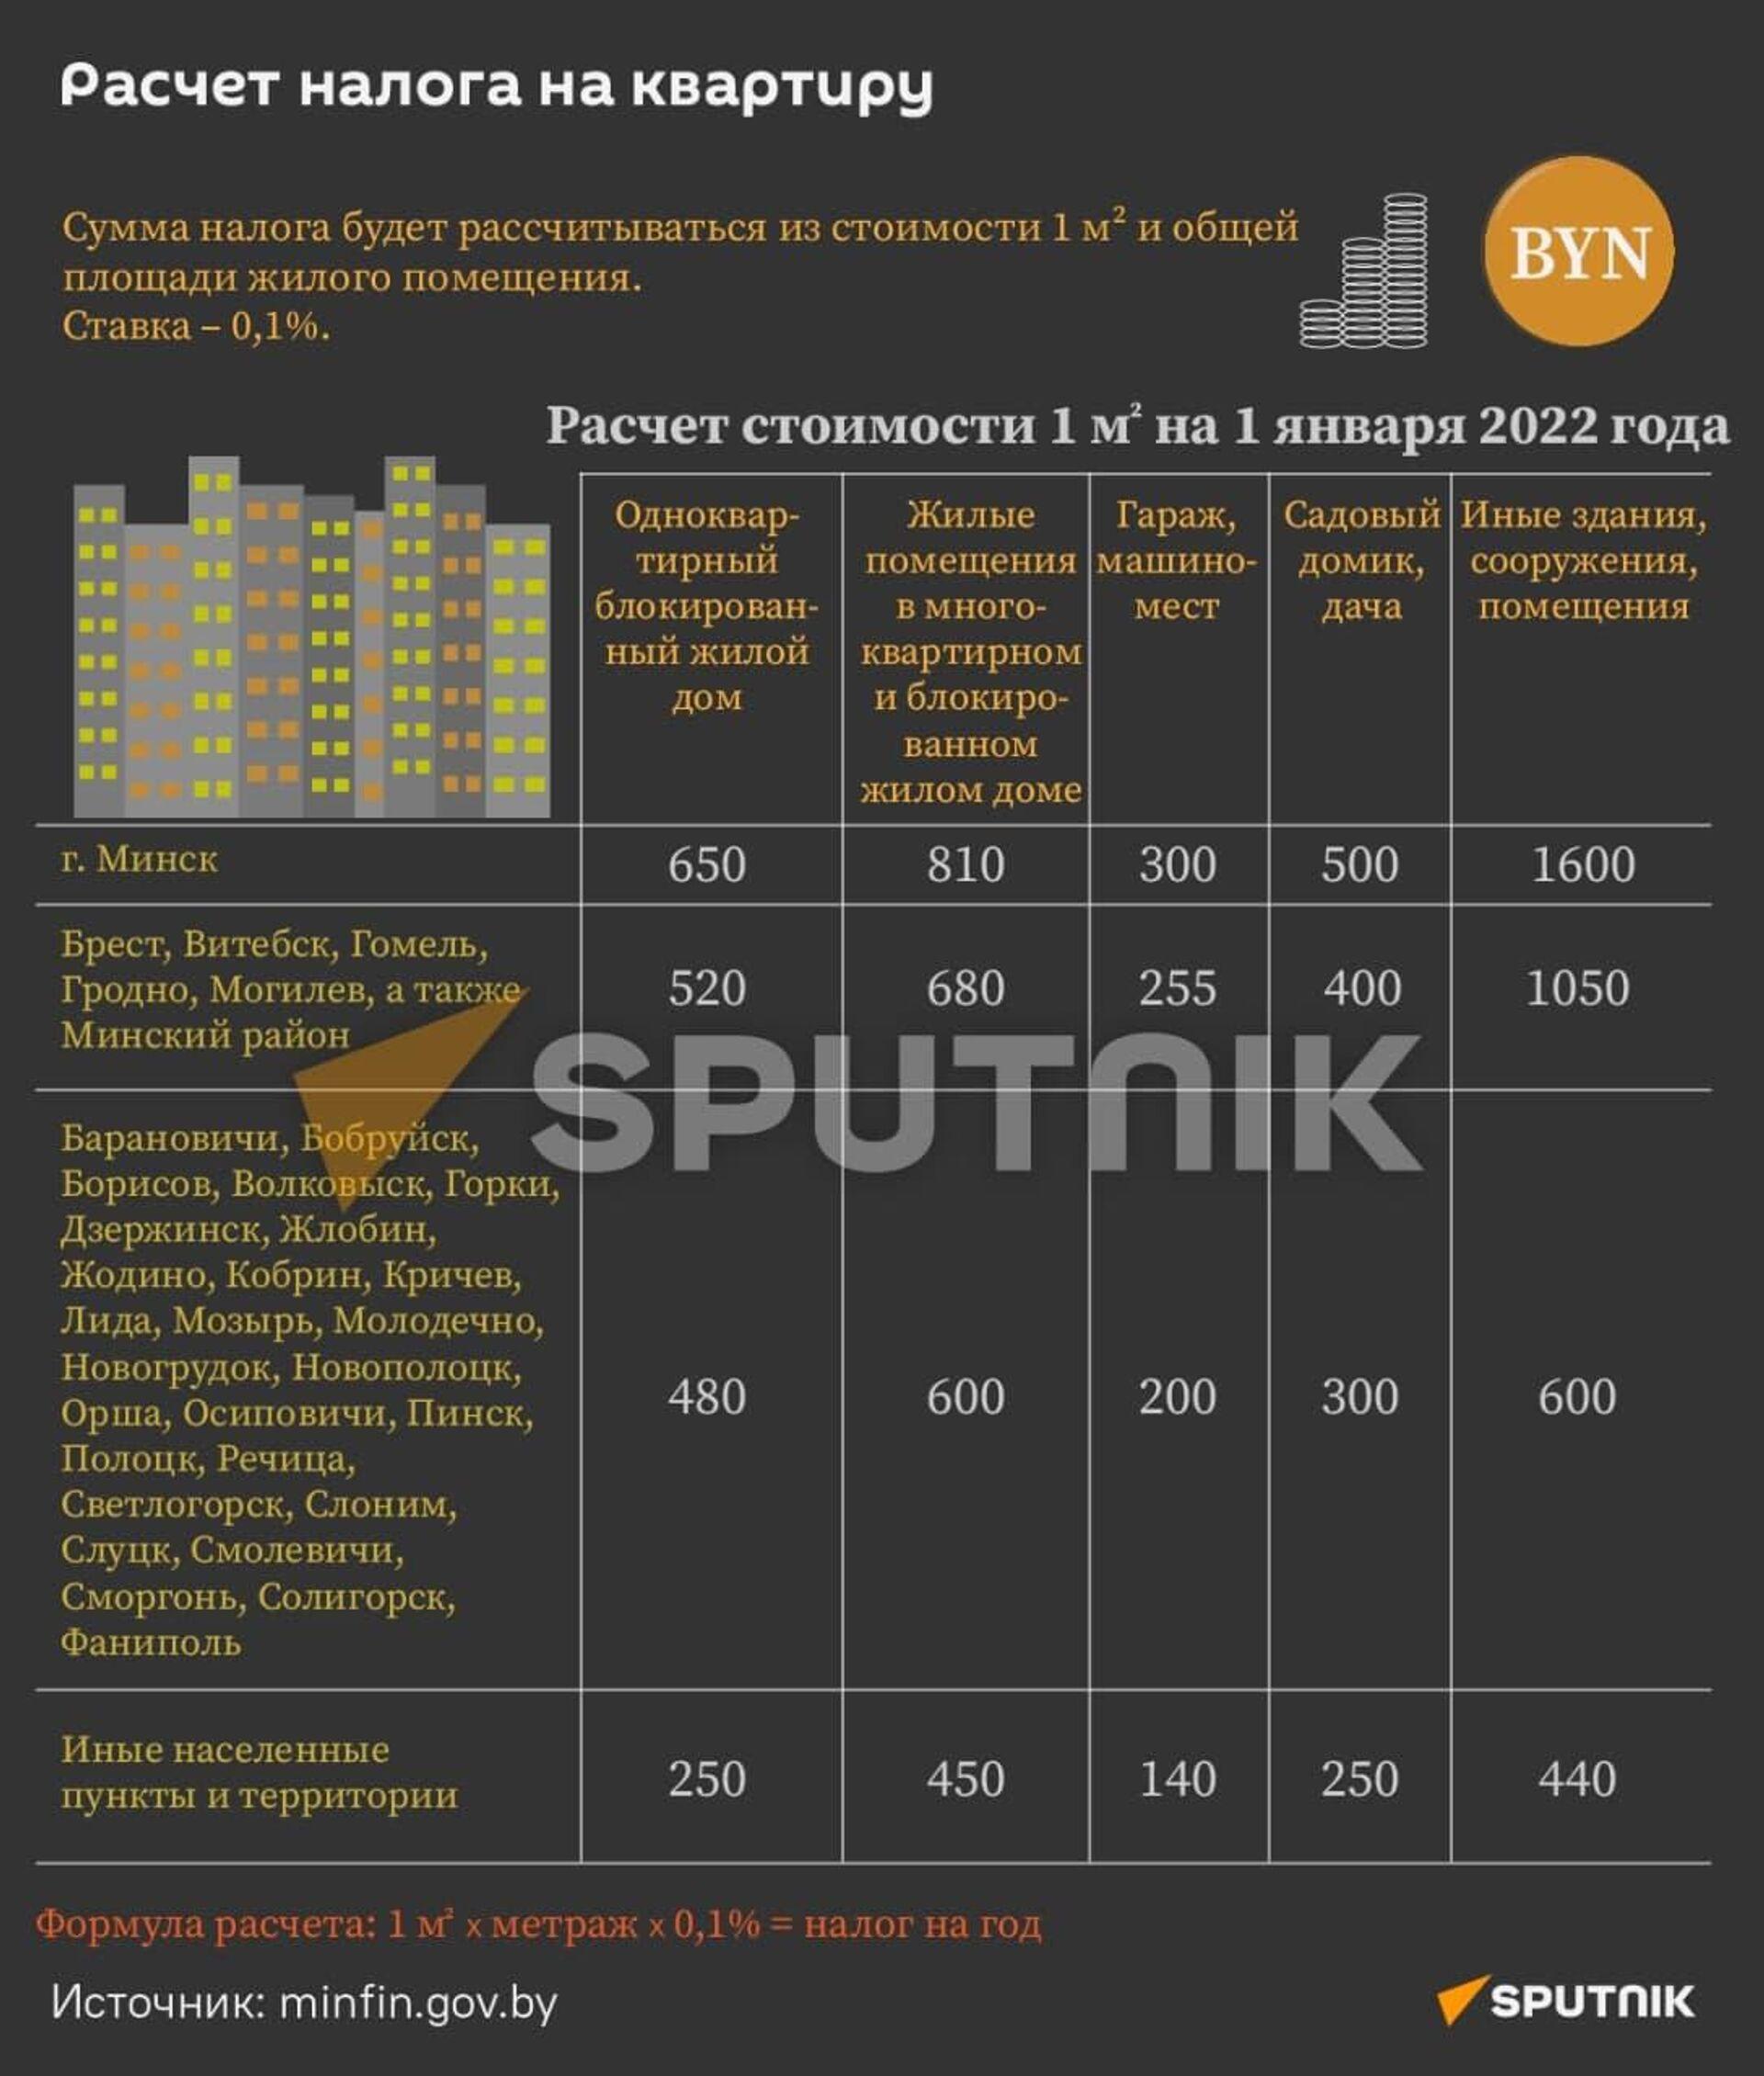 Расчет налога на квартиру - Sputnik Беларусь, 1920, 08.10.2021